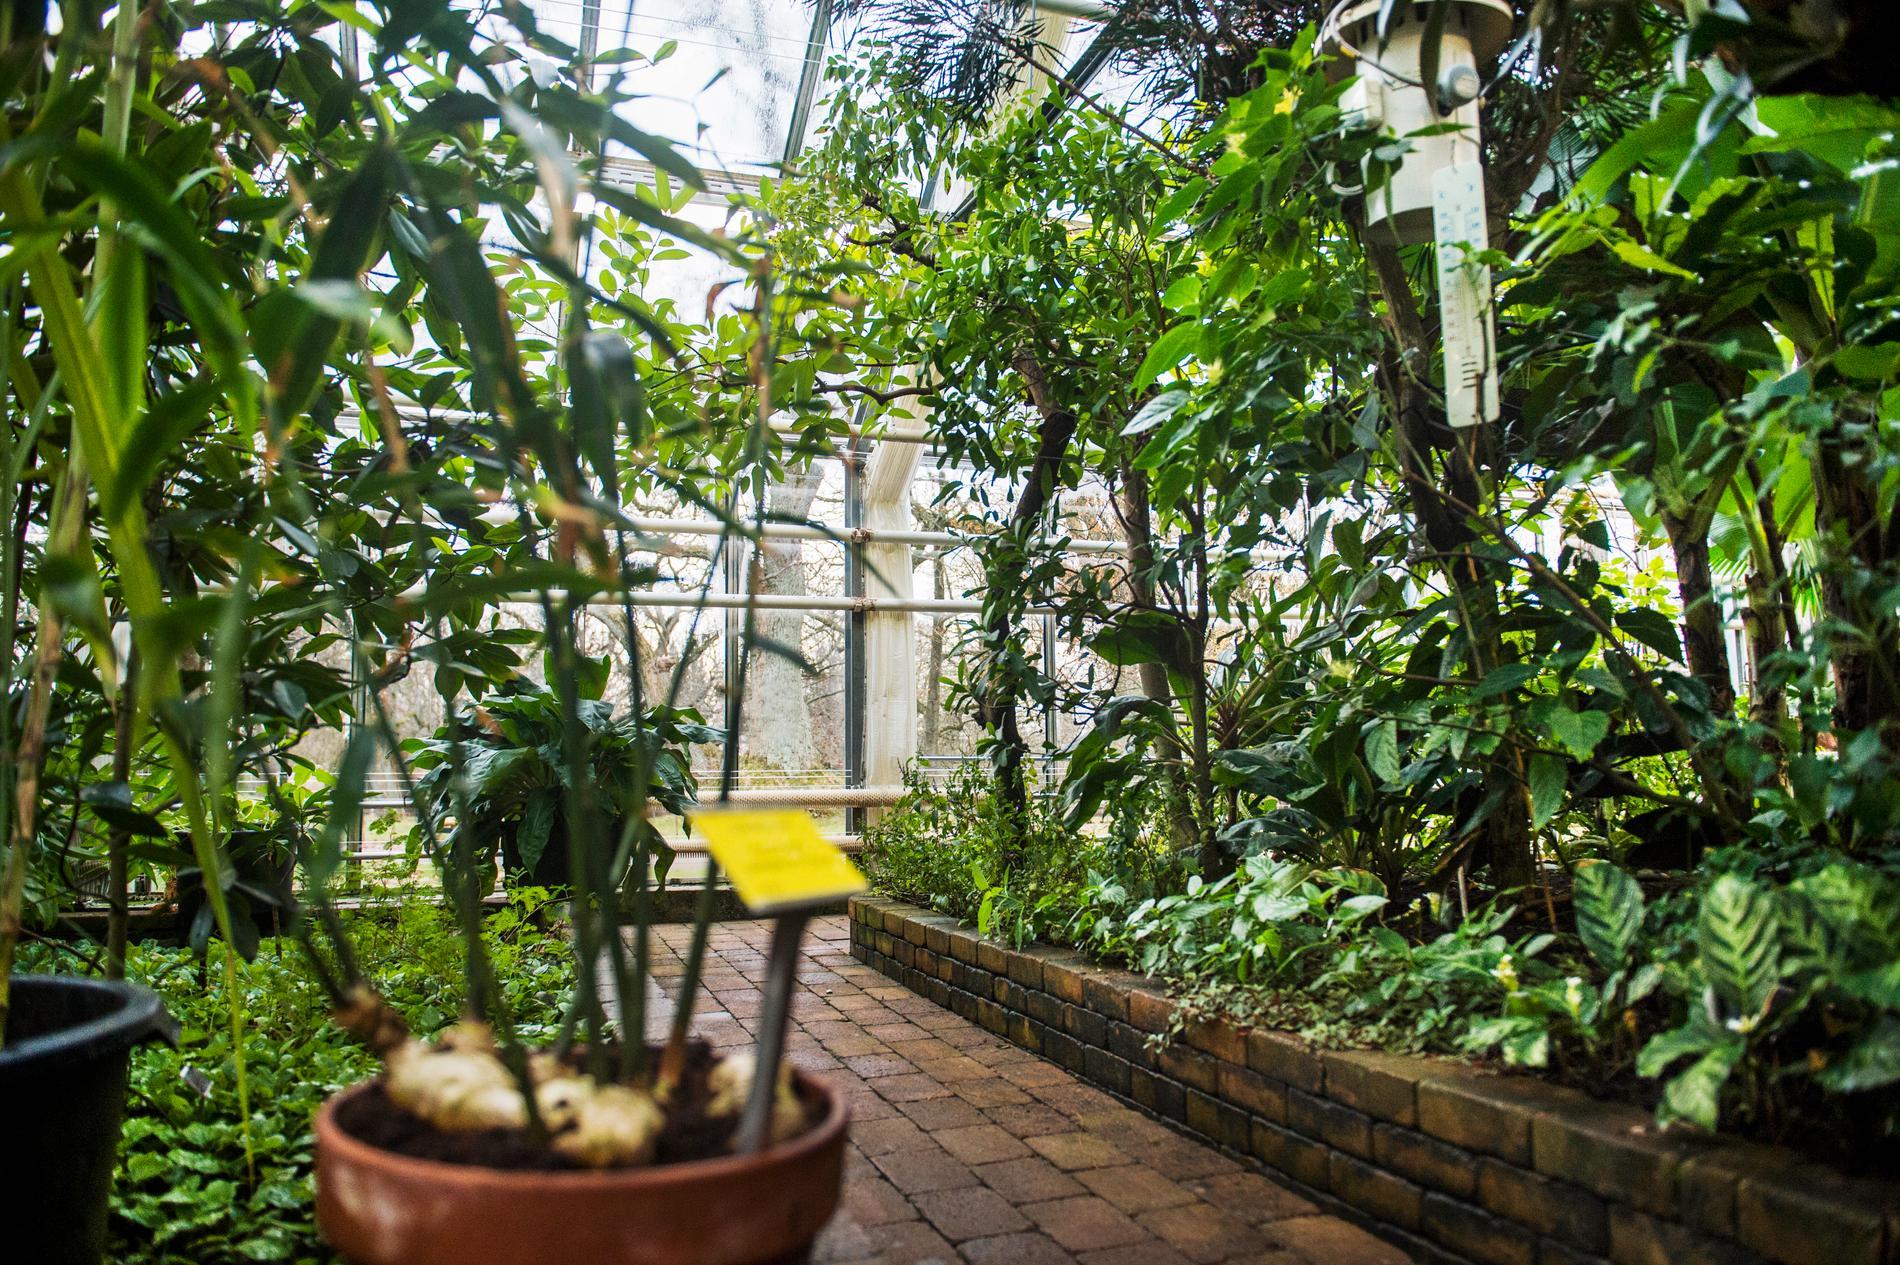 Över tusen olika växtarter ska rymmas i det nyrenoverade växthuset. Arkivbild.